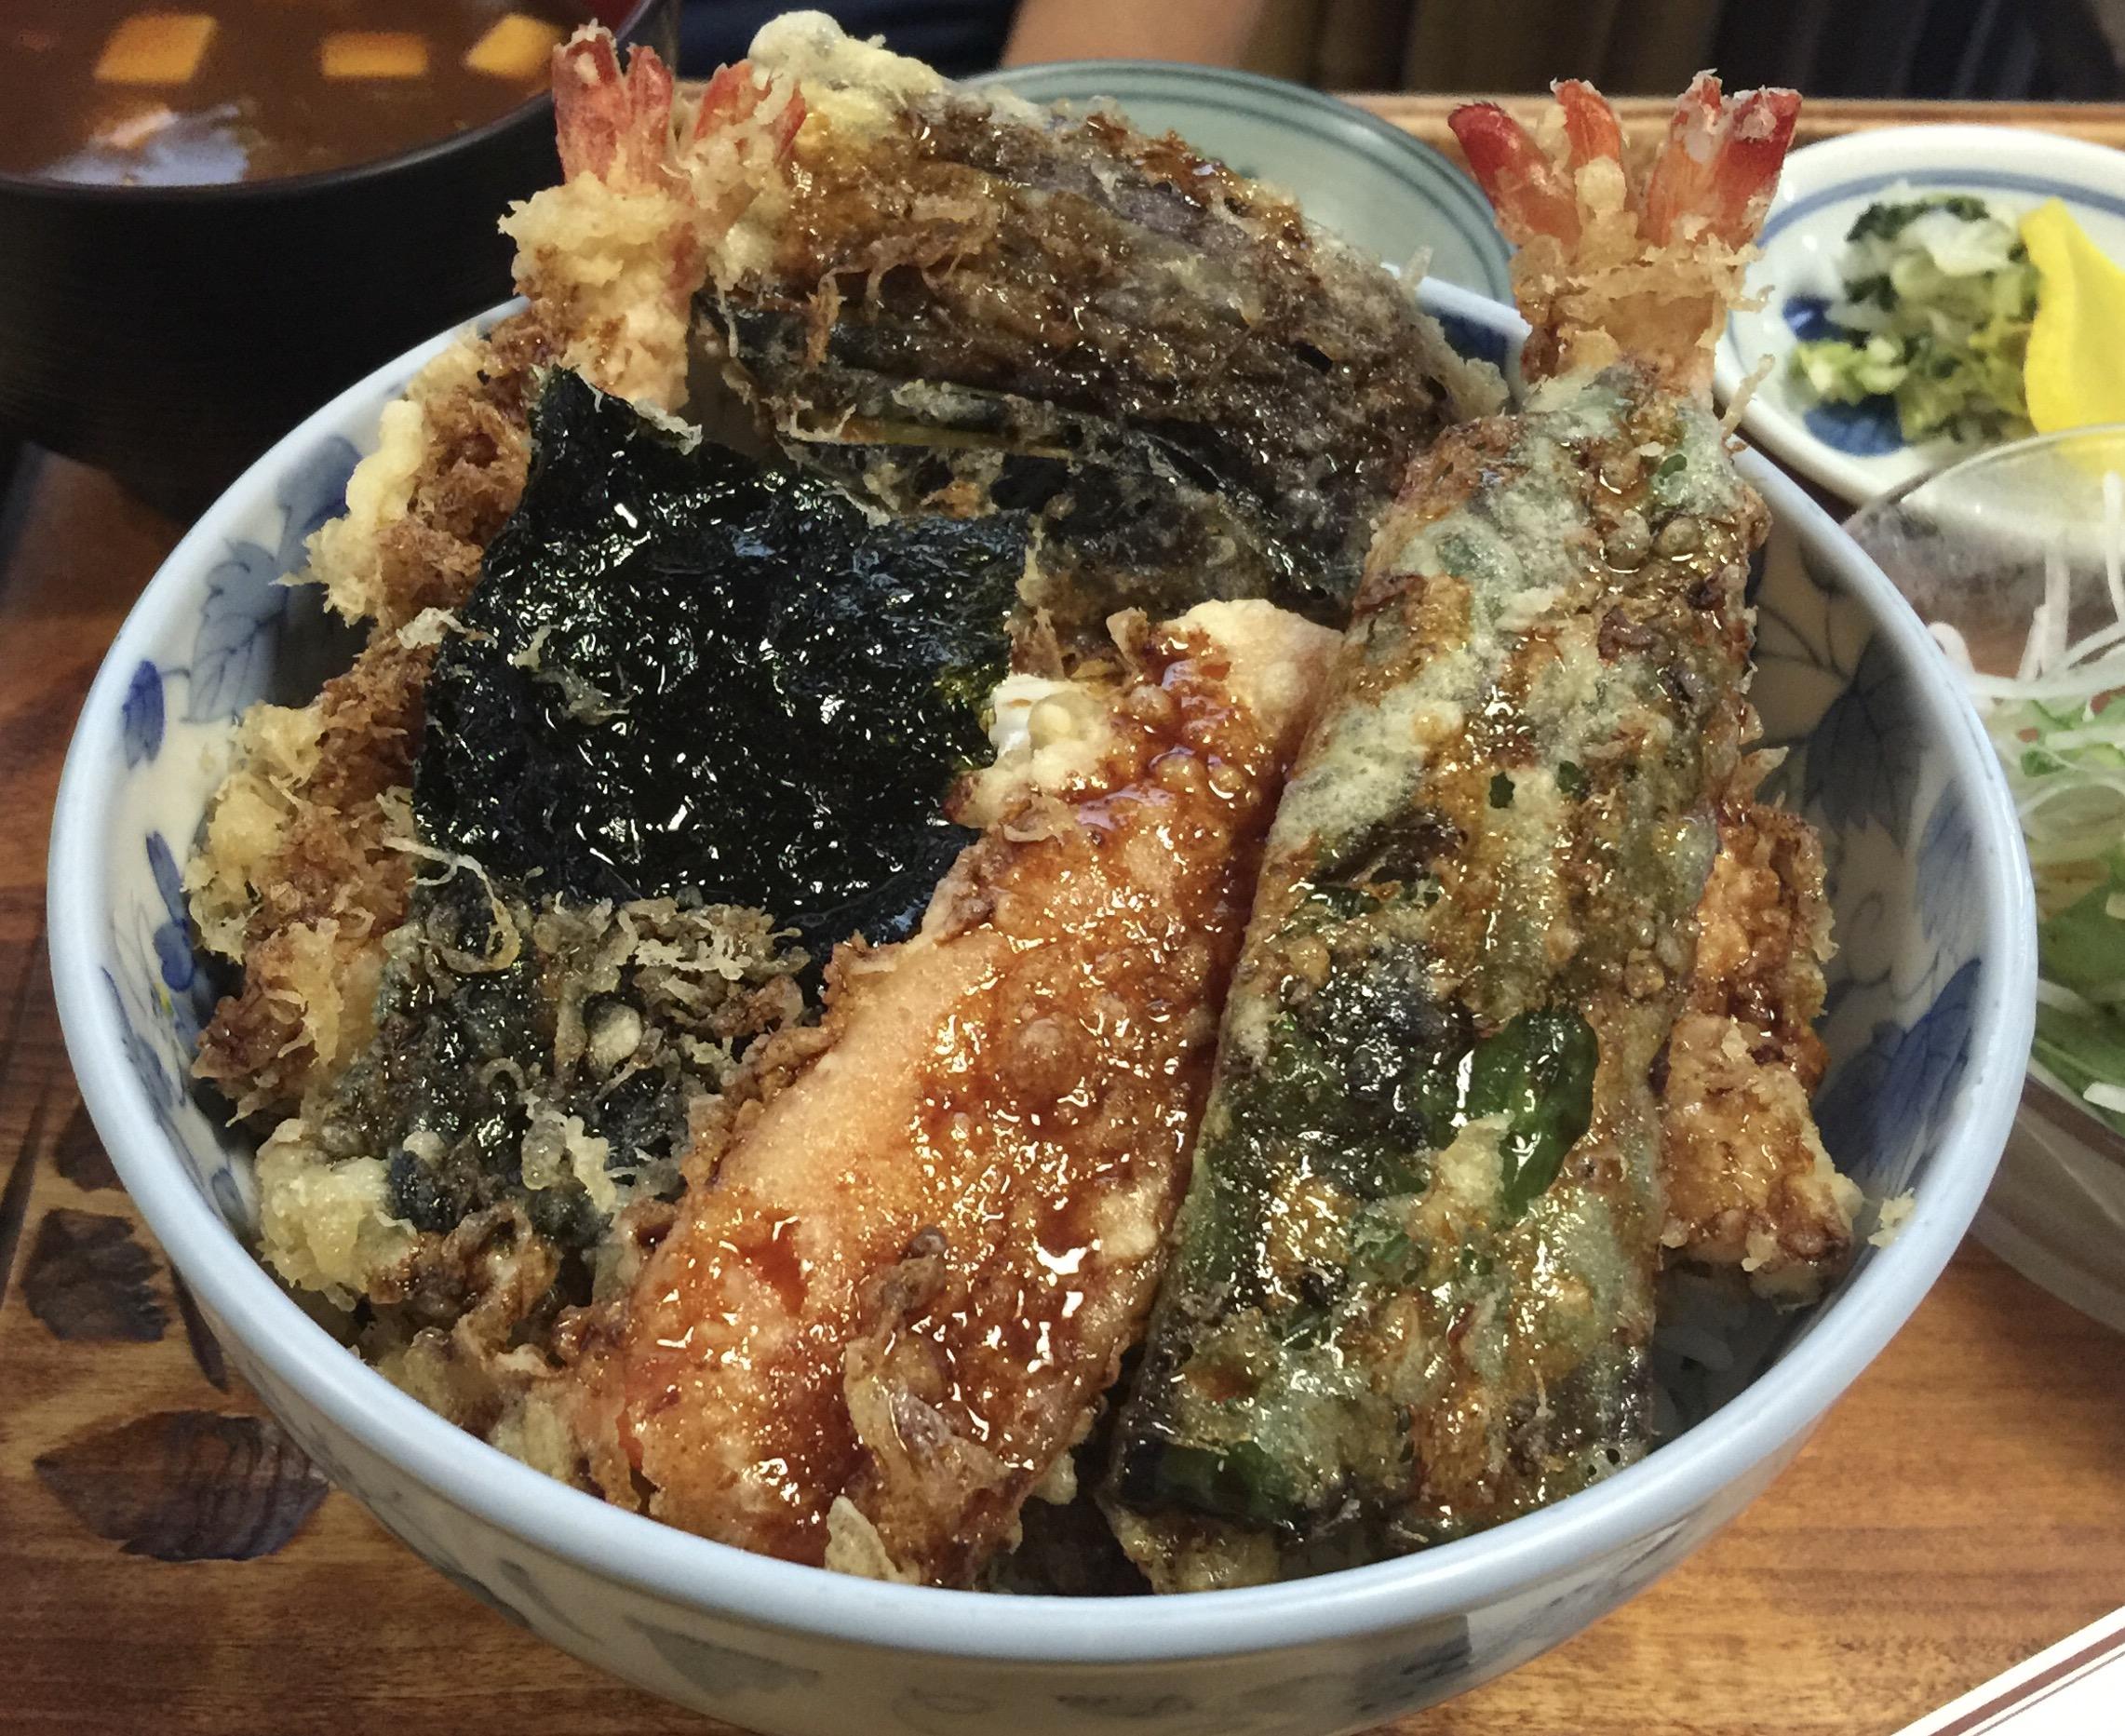 西区・浄心の老舗天ぷら店でお昼メニューの天ぷら弁当を